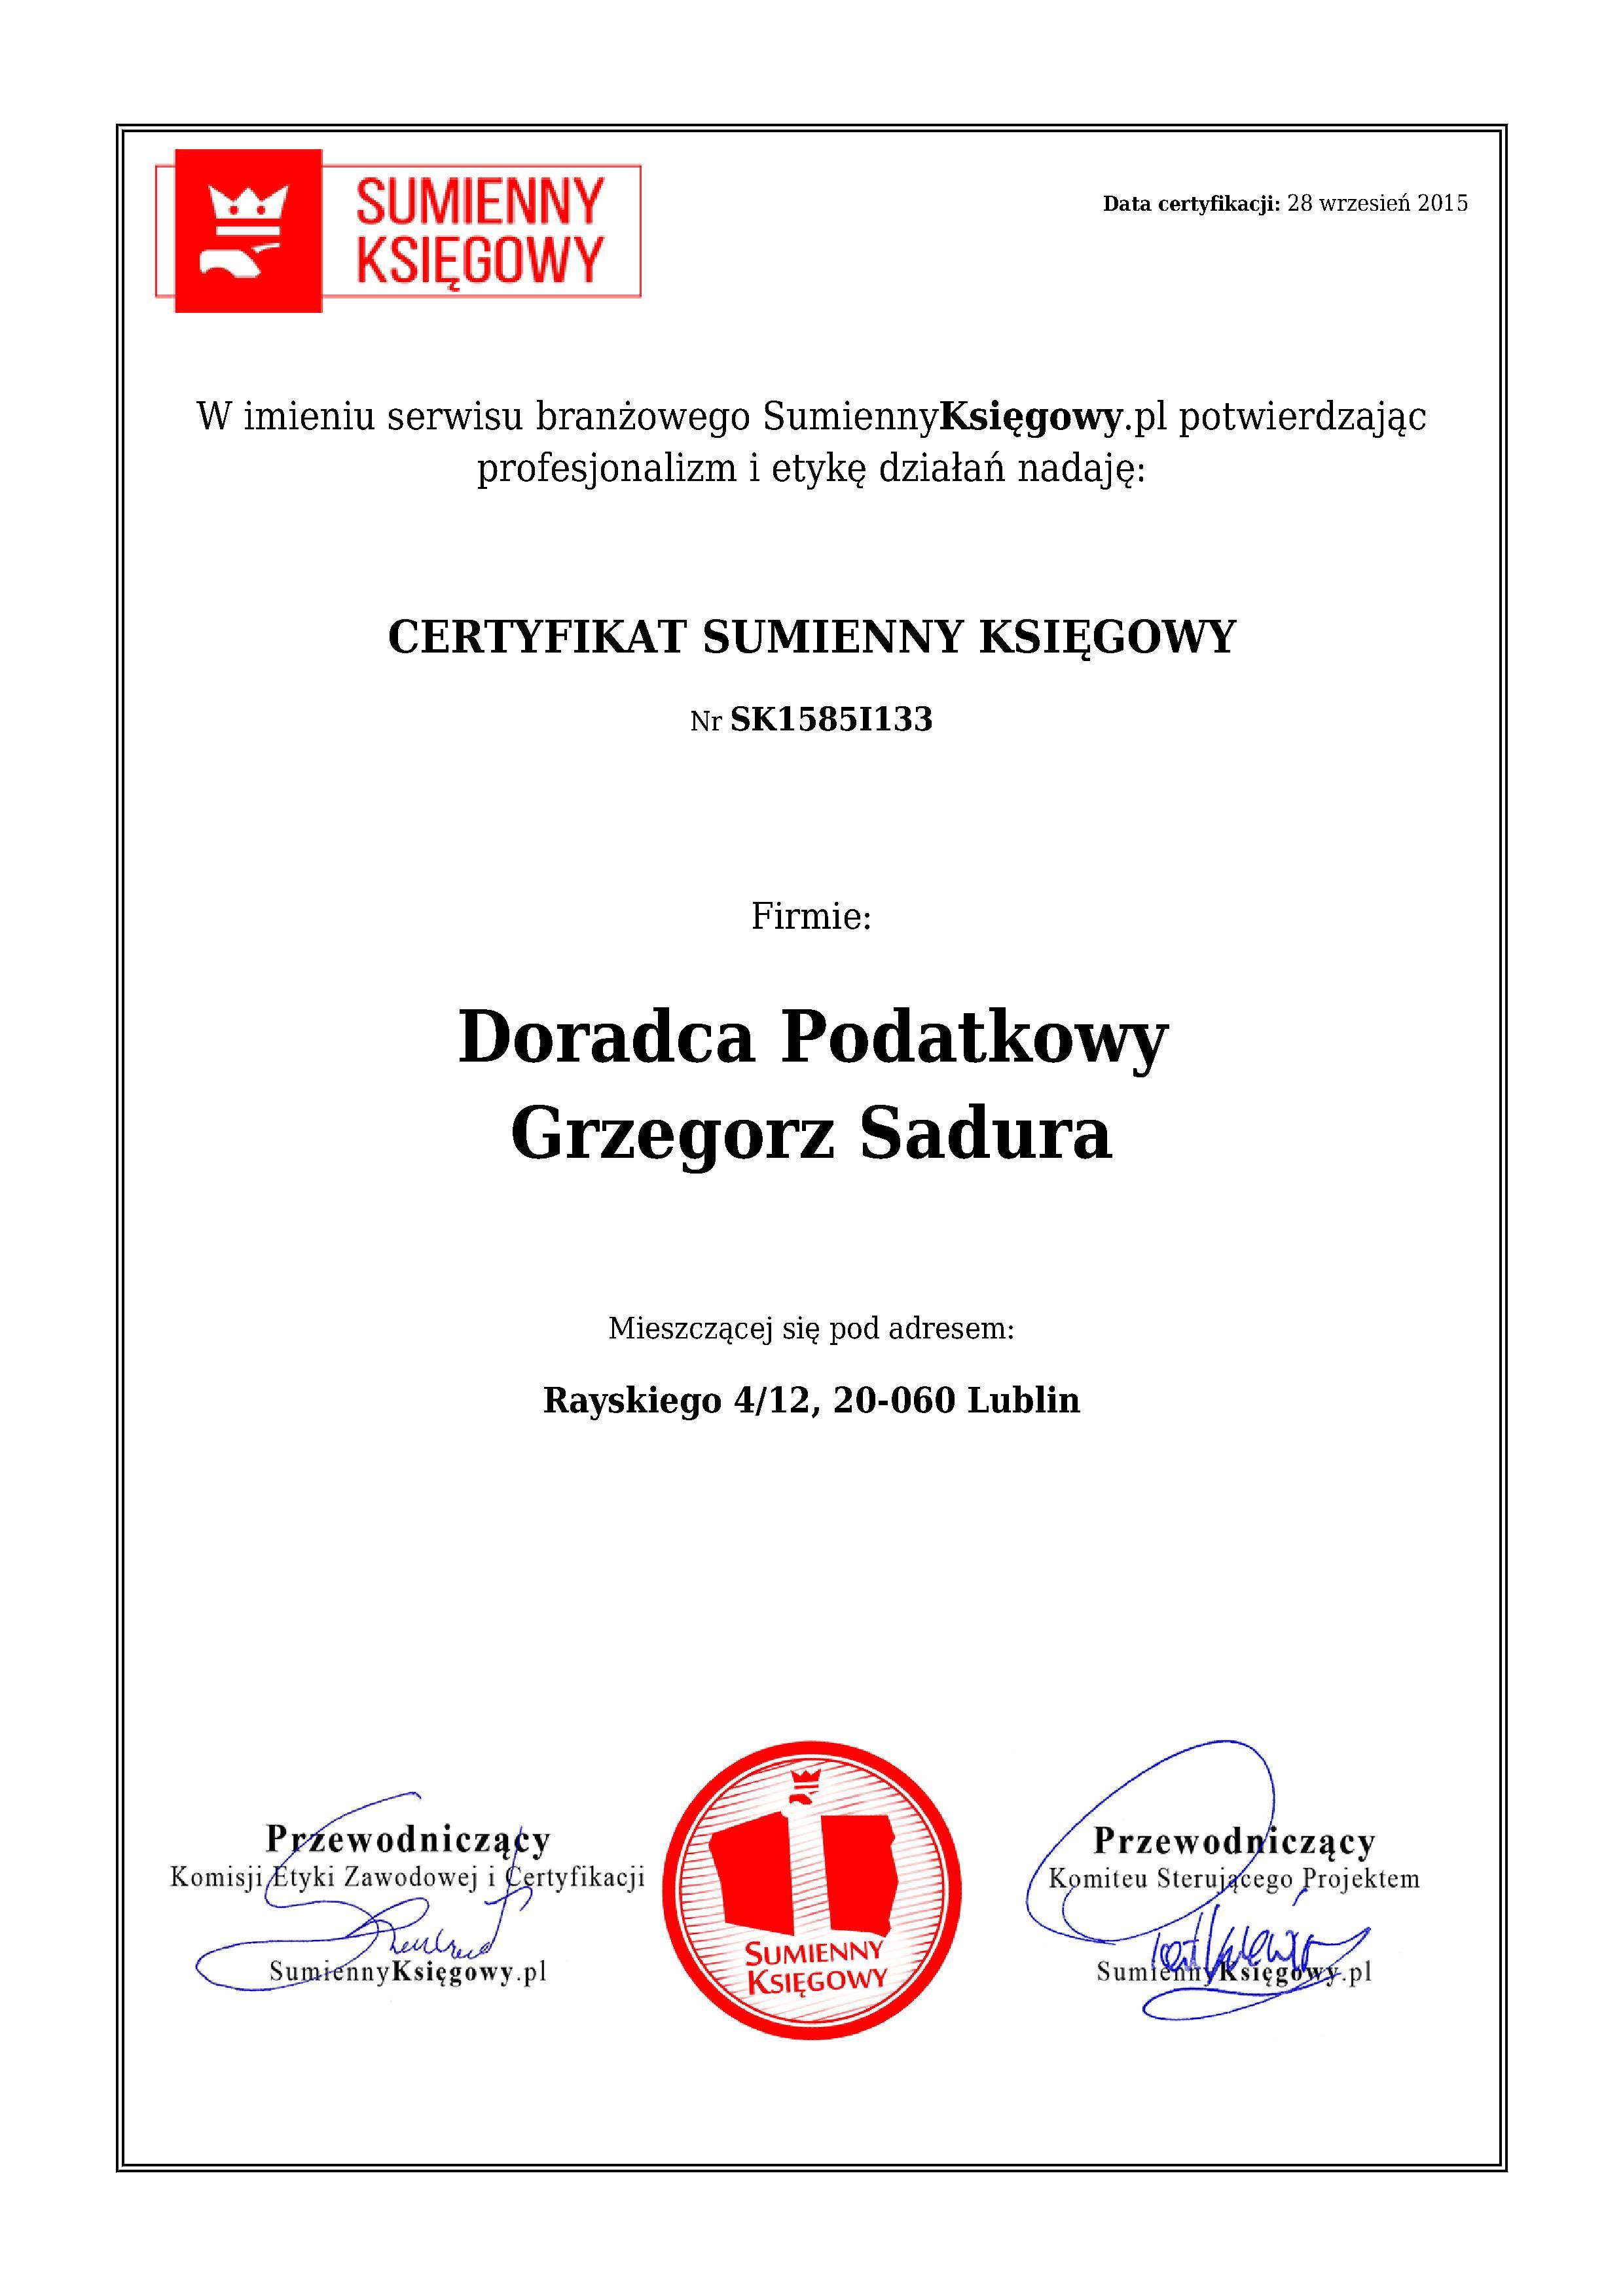 Certyfikat Doradca Podatkowy Grzegorz Sadura